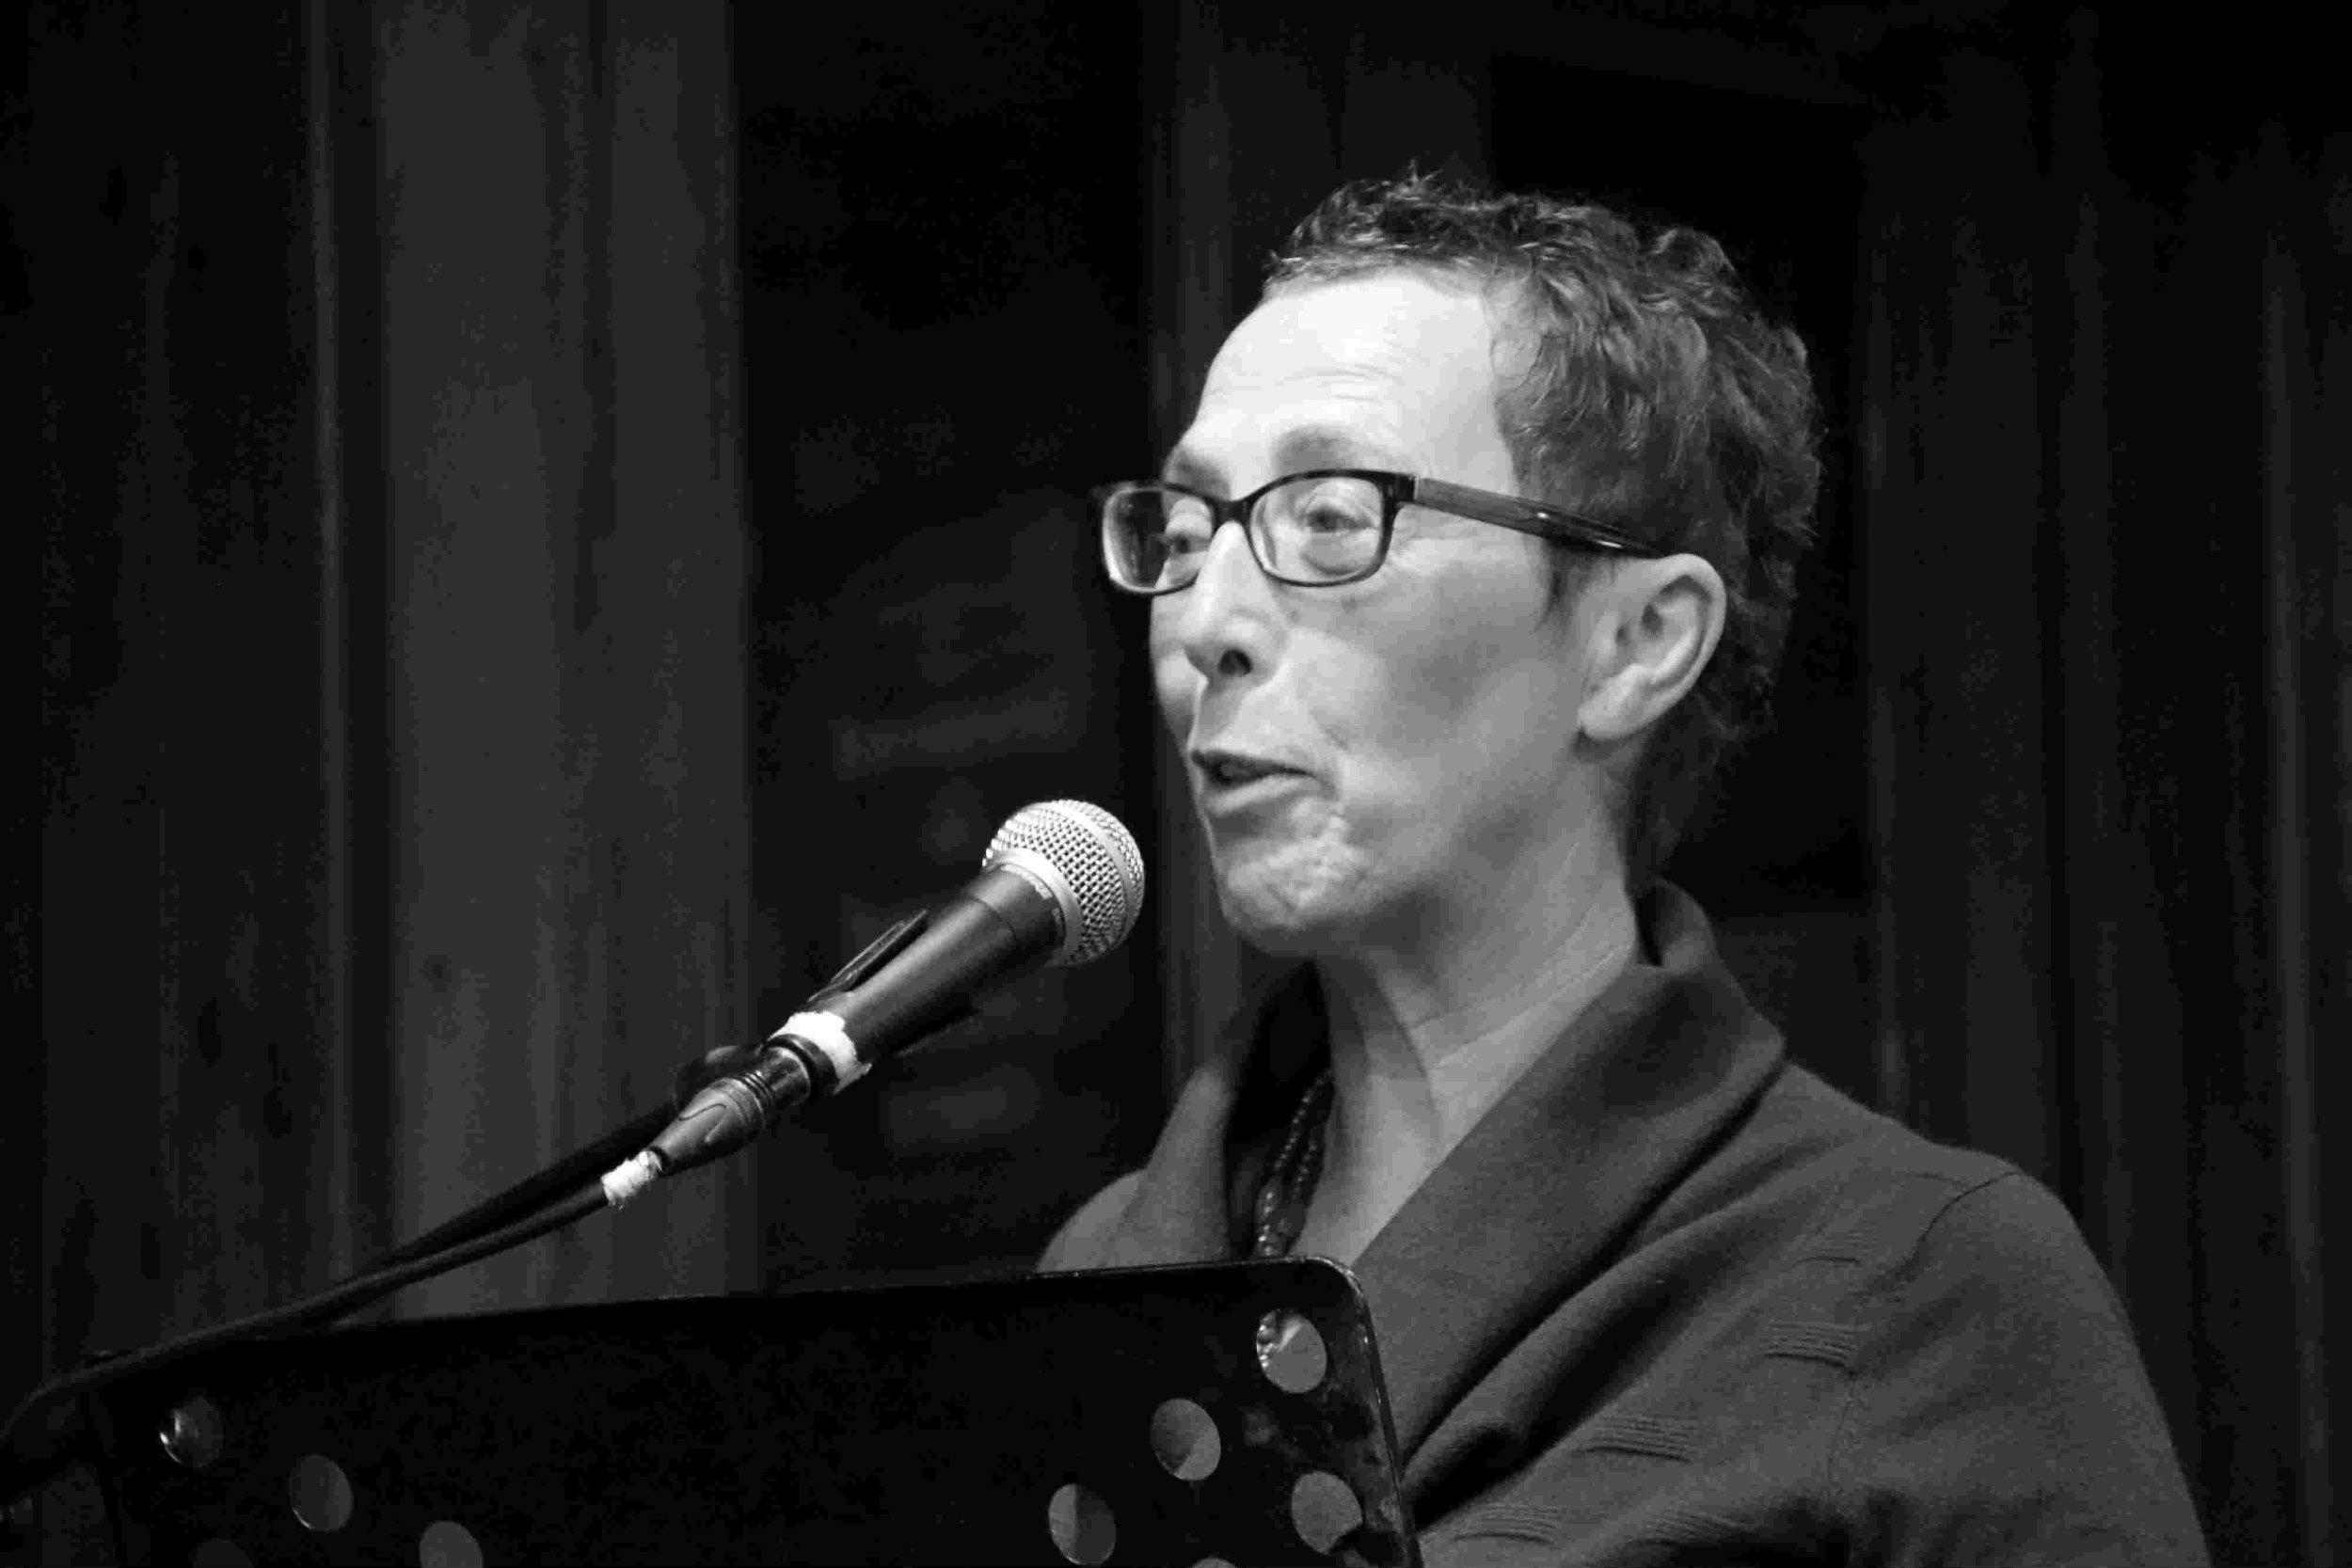 Poetry Reading with Mick Delap - Allingham Festival 2016, Ballyshannon-17.jpg